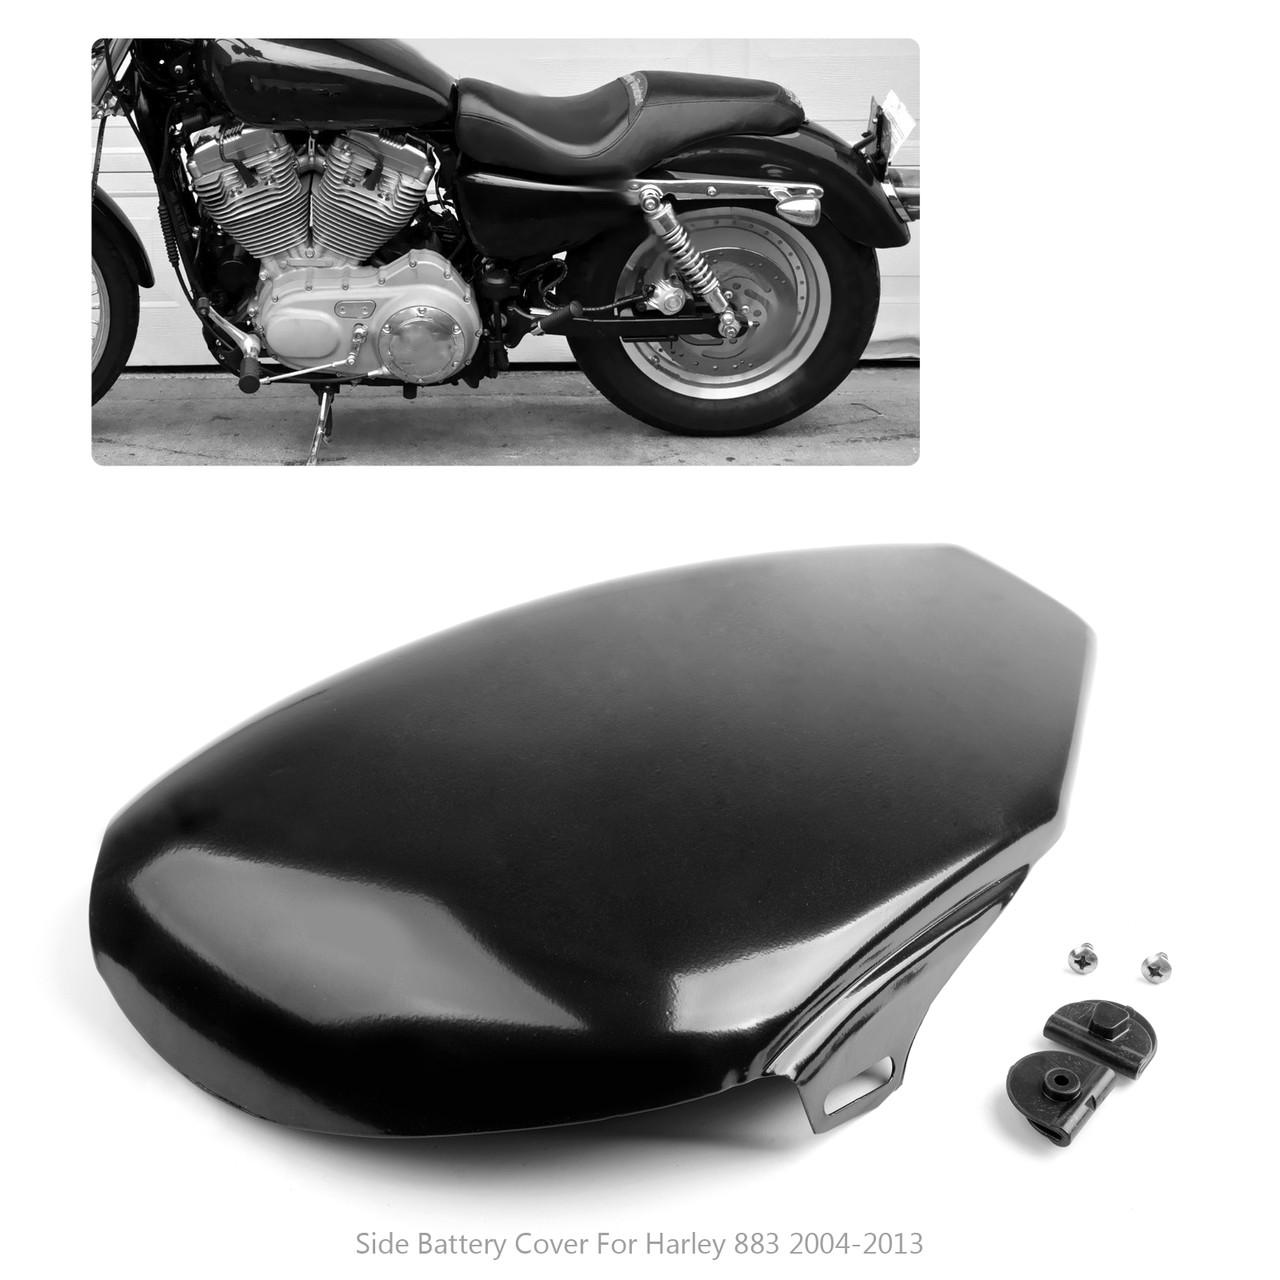 6 Hooks Hold Down Cargo Luggage Helmet Net Mesh for Motorcycle Motorbike H^H KK